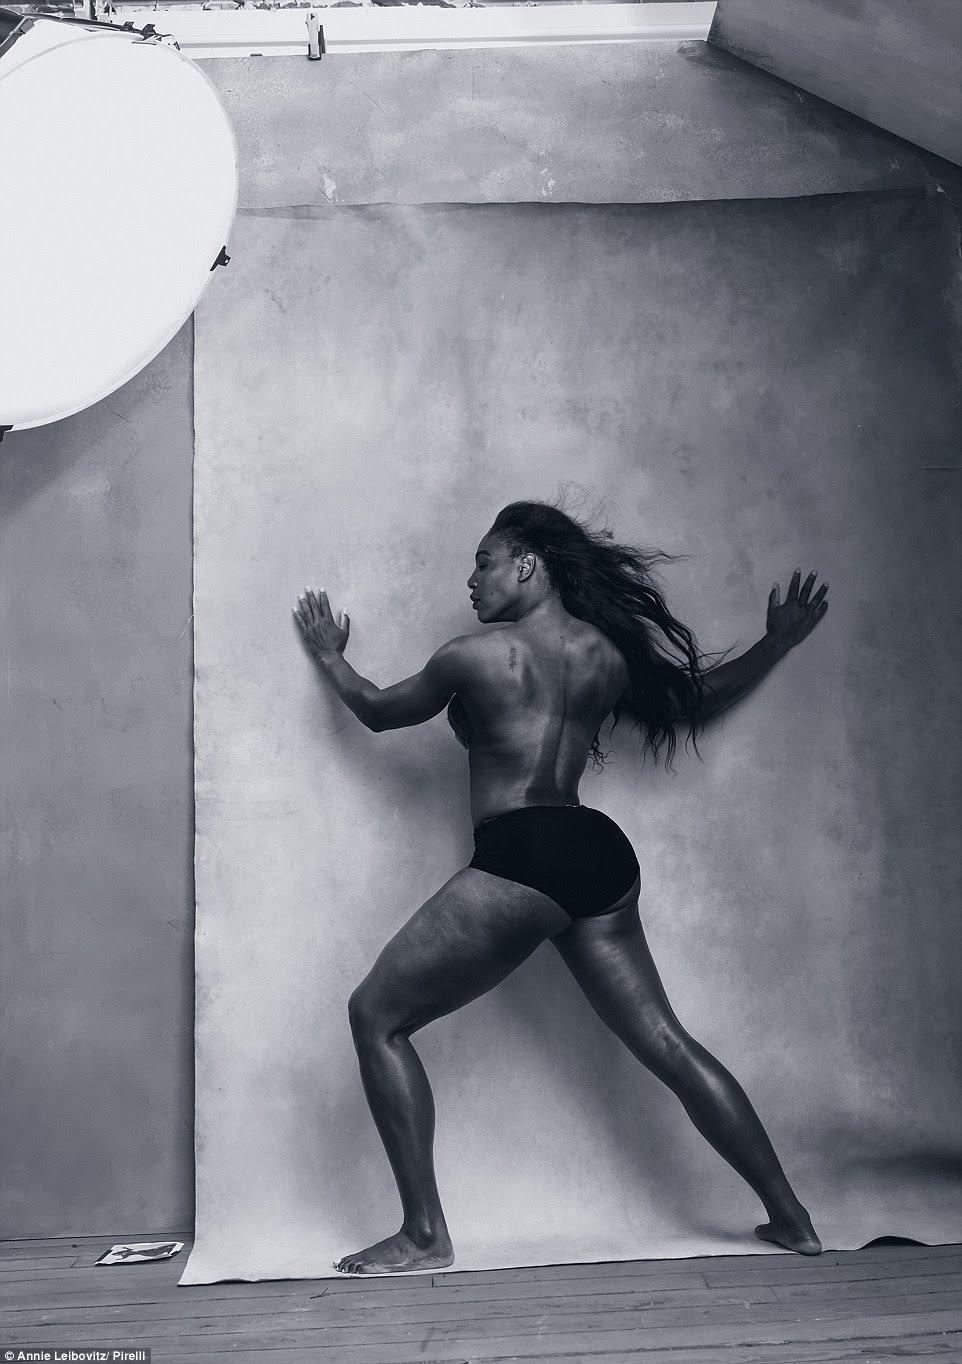 Athletic beleza: Pro de tênis Serena Williams parecia sensacional como ela apresentou seu ondulando os músculos na parte aérea em preto-e-branco arty